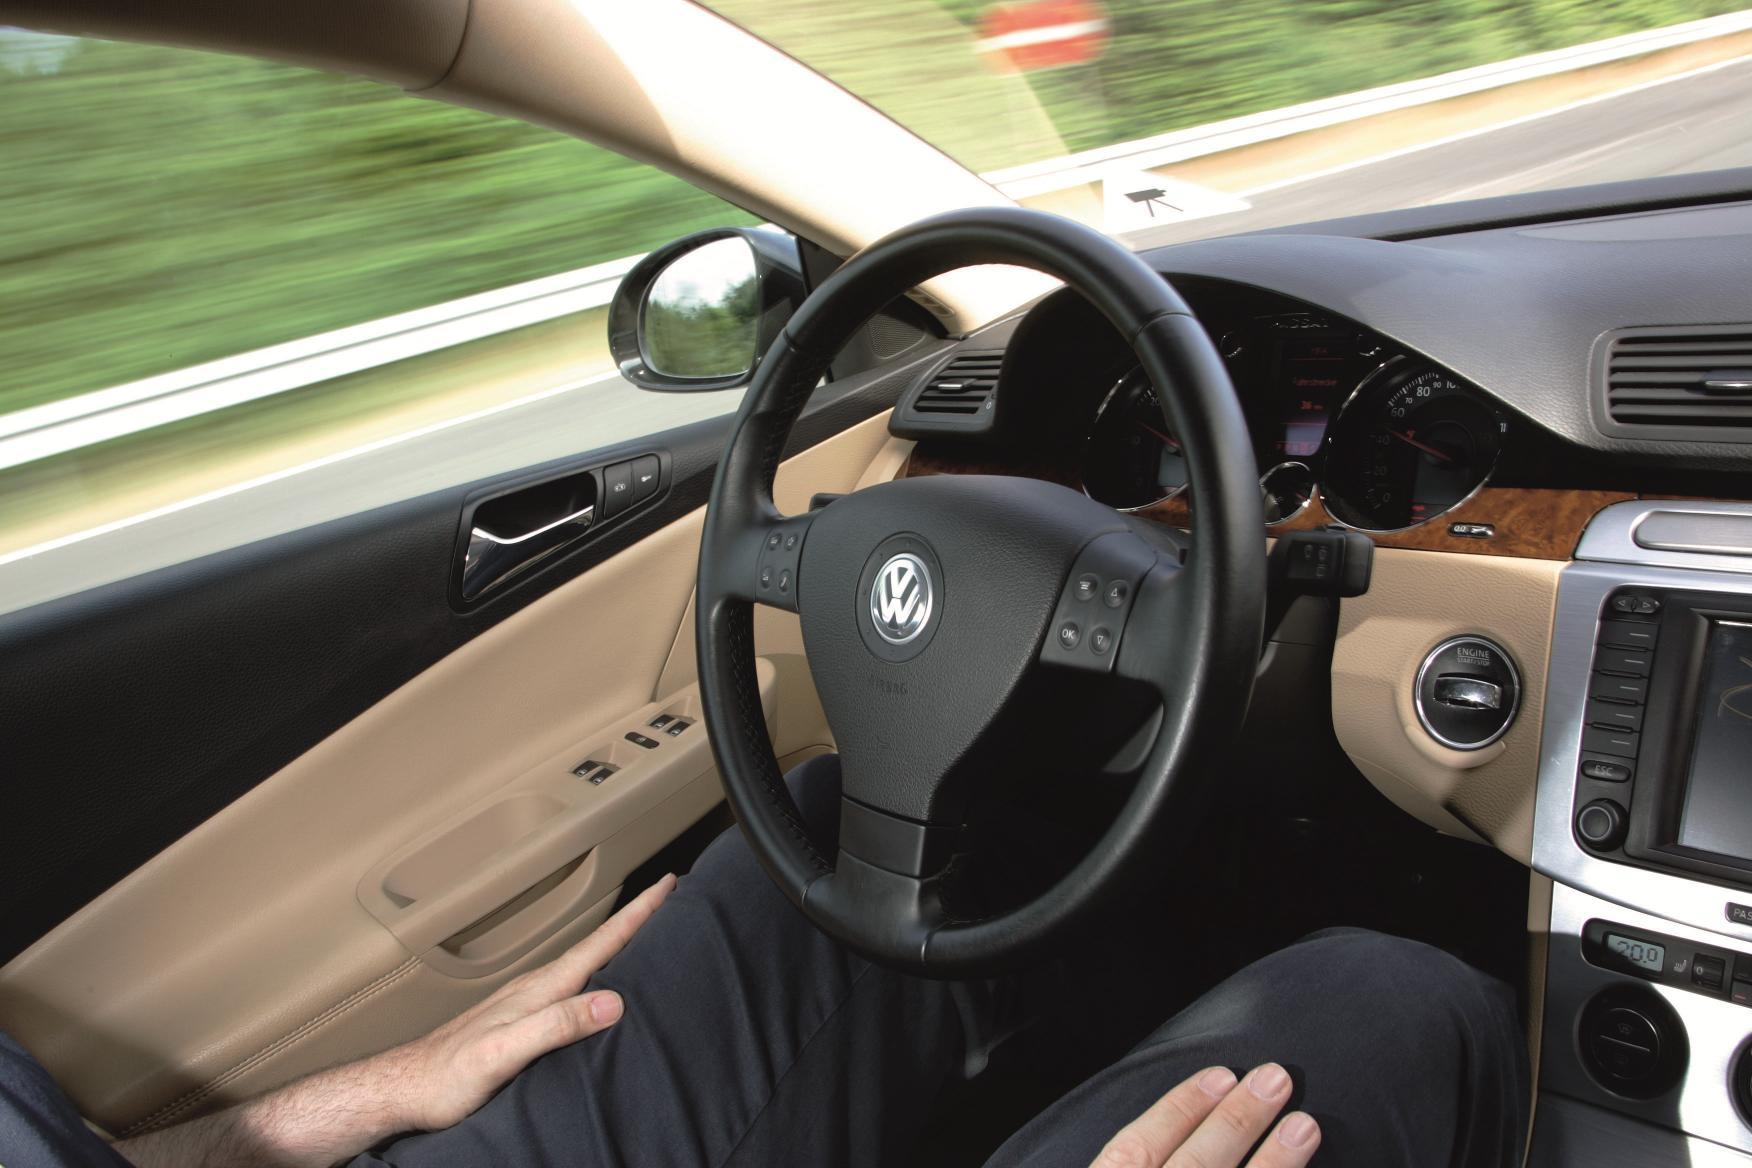 VW autonomous car